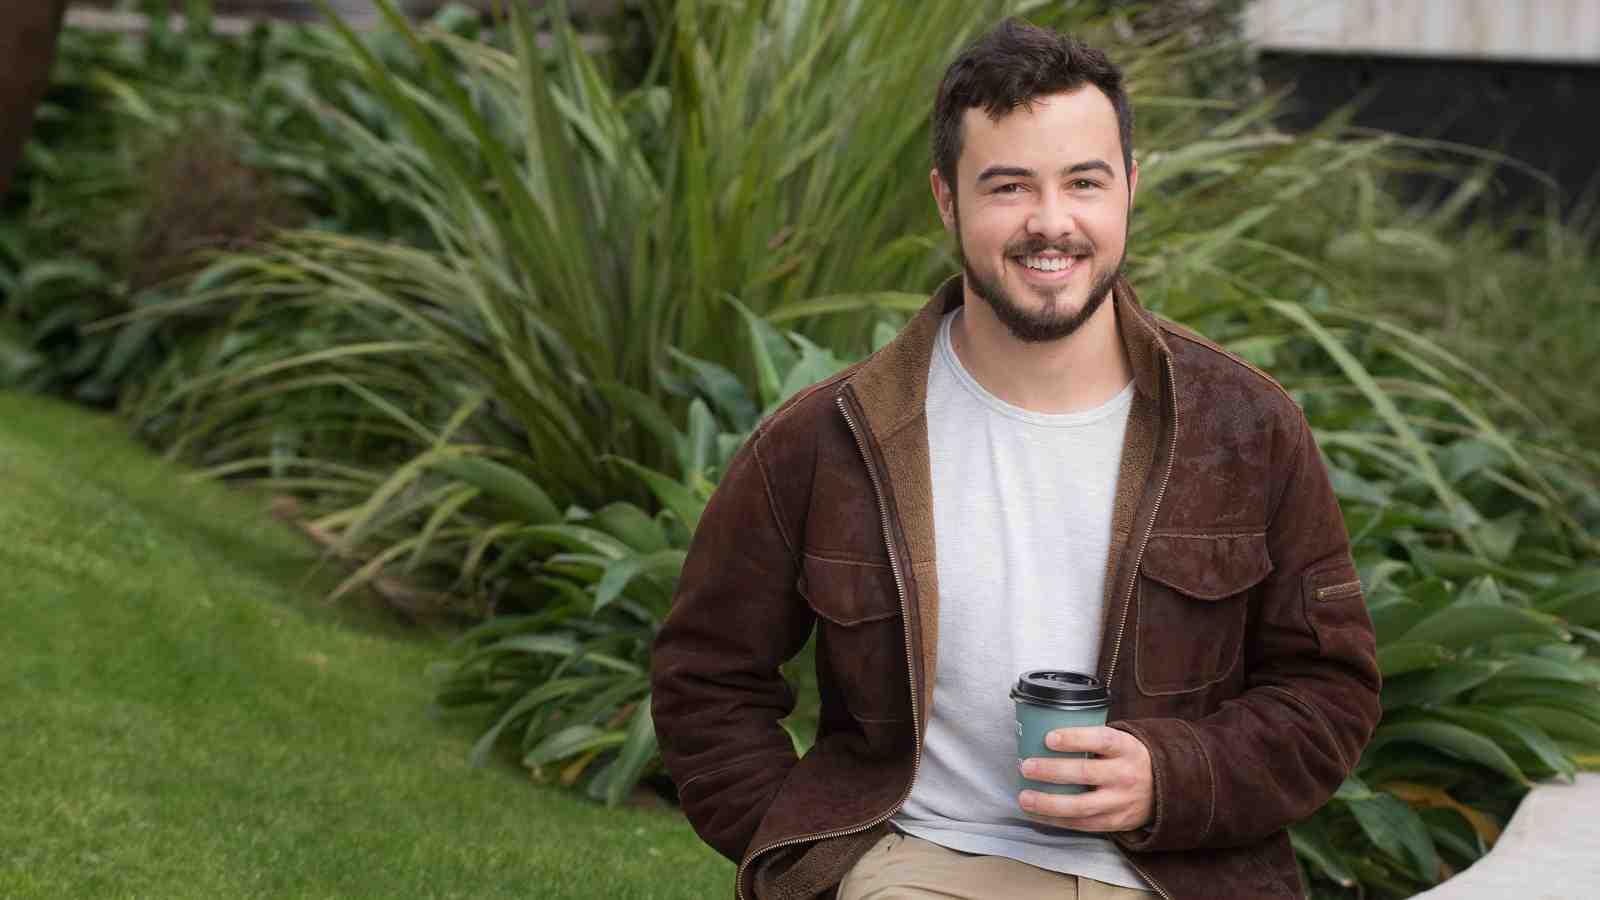 PhD candidate Kris Nielsen